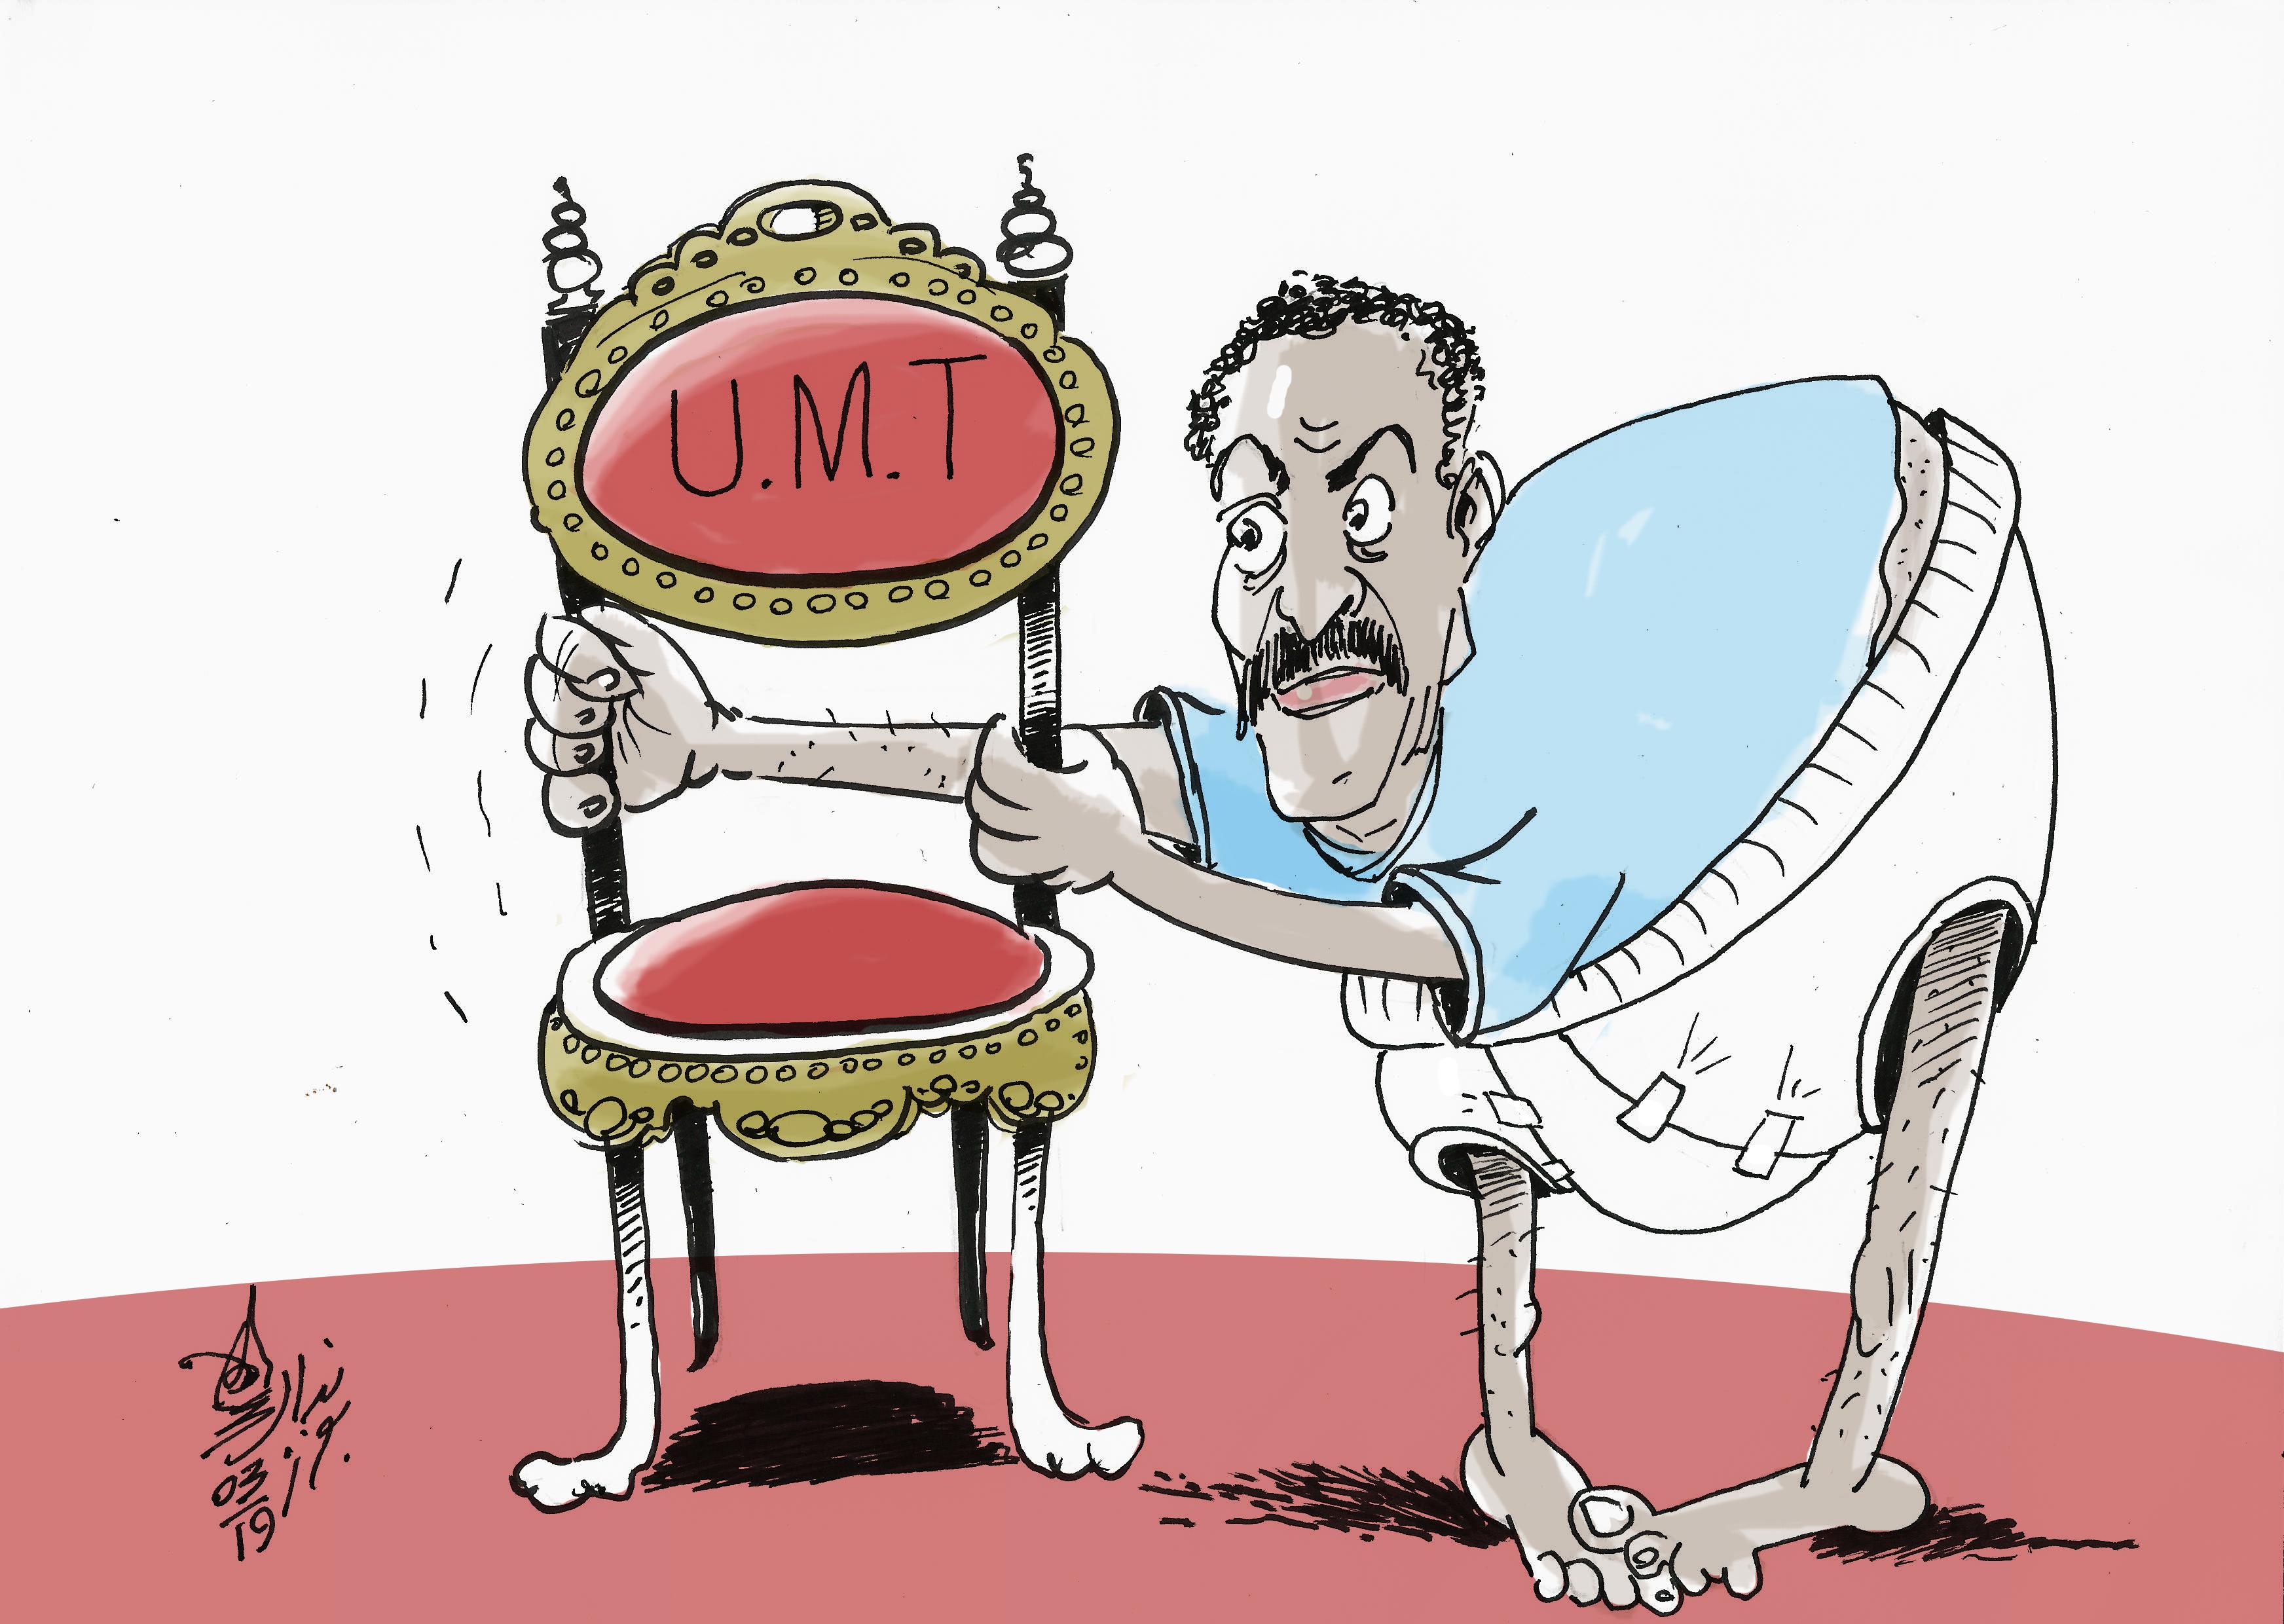 كاريكاتير نقابة umt